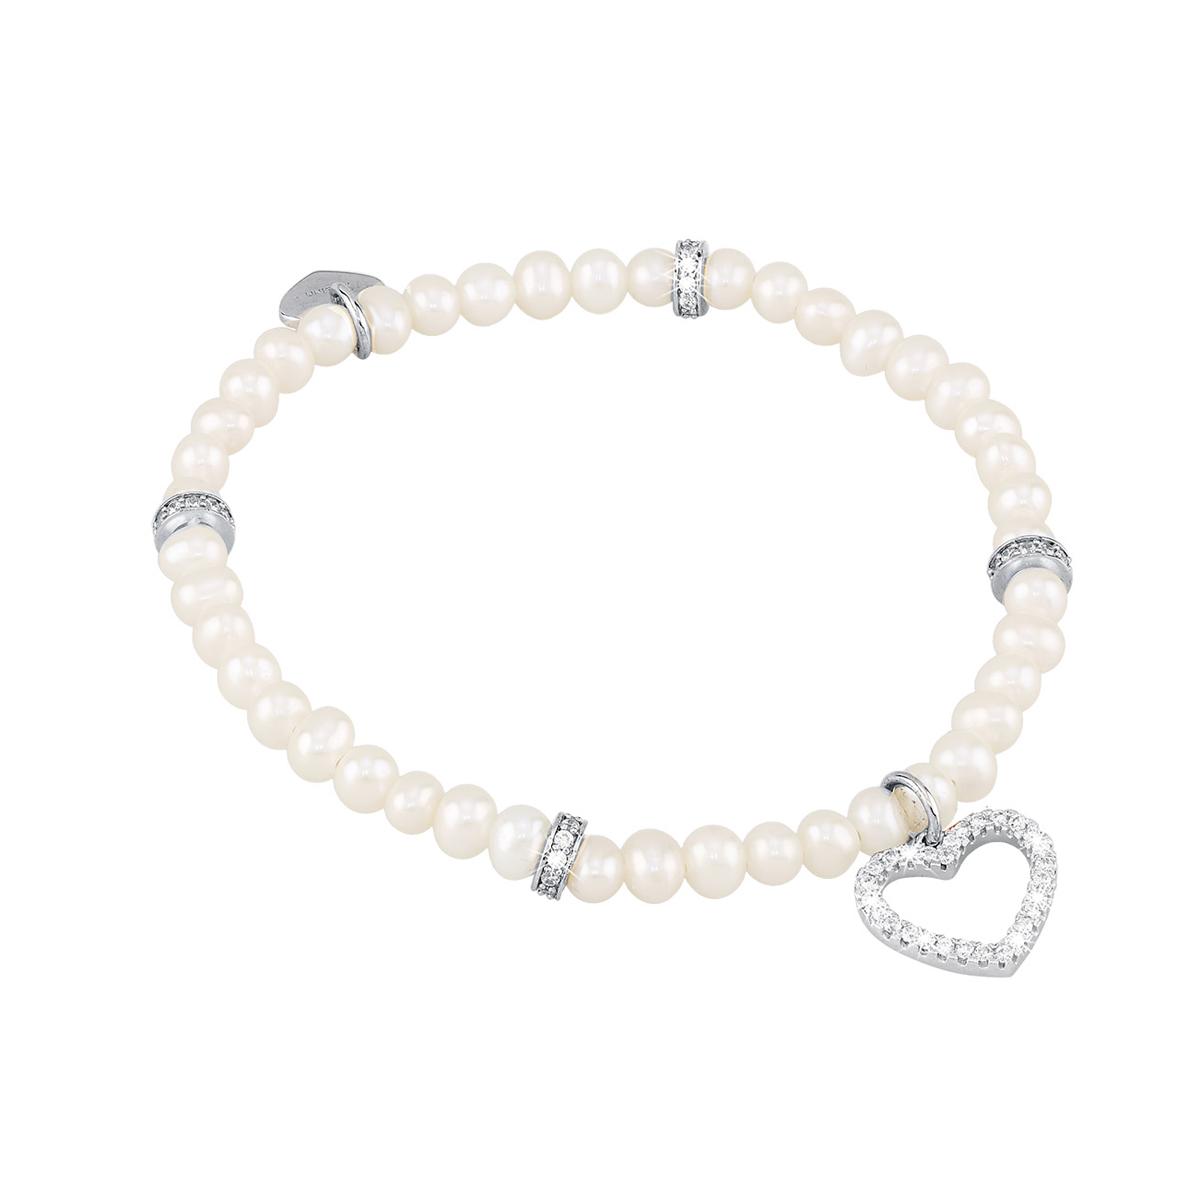 Bracciale in argento e perle con charm cuore